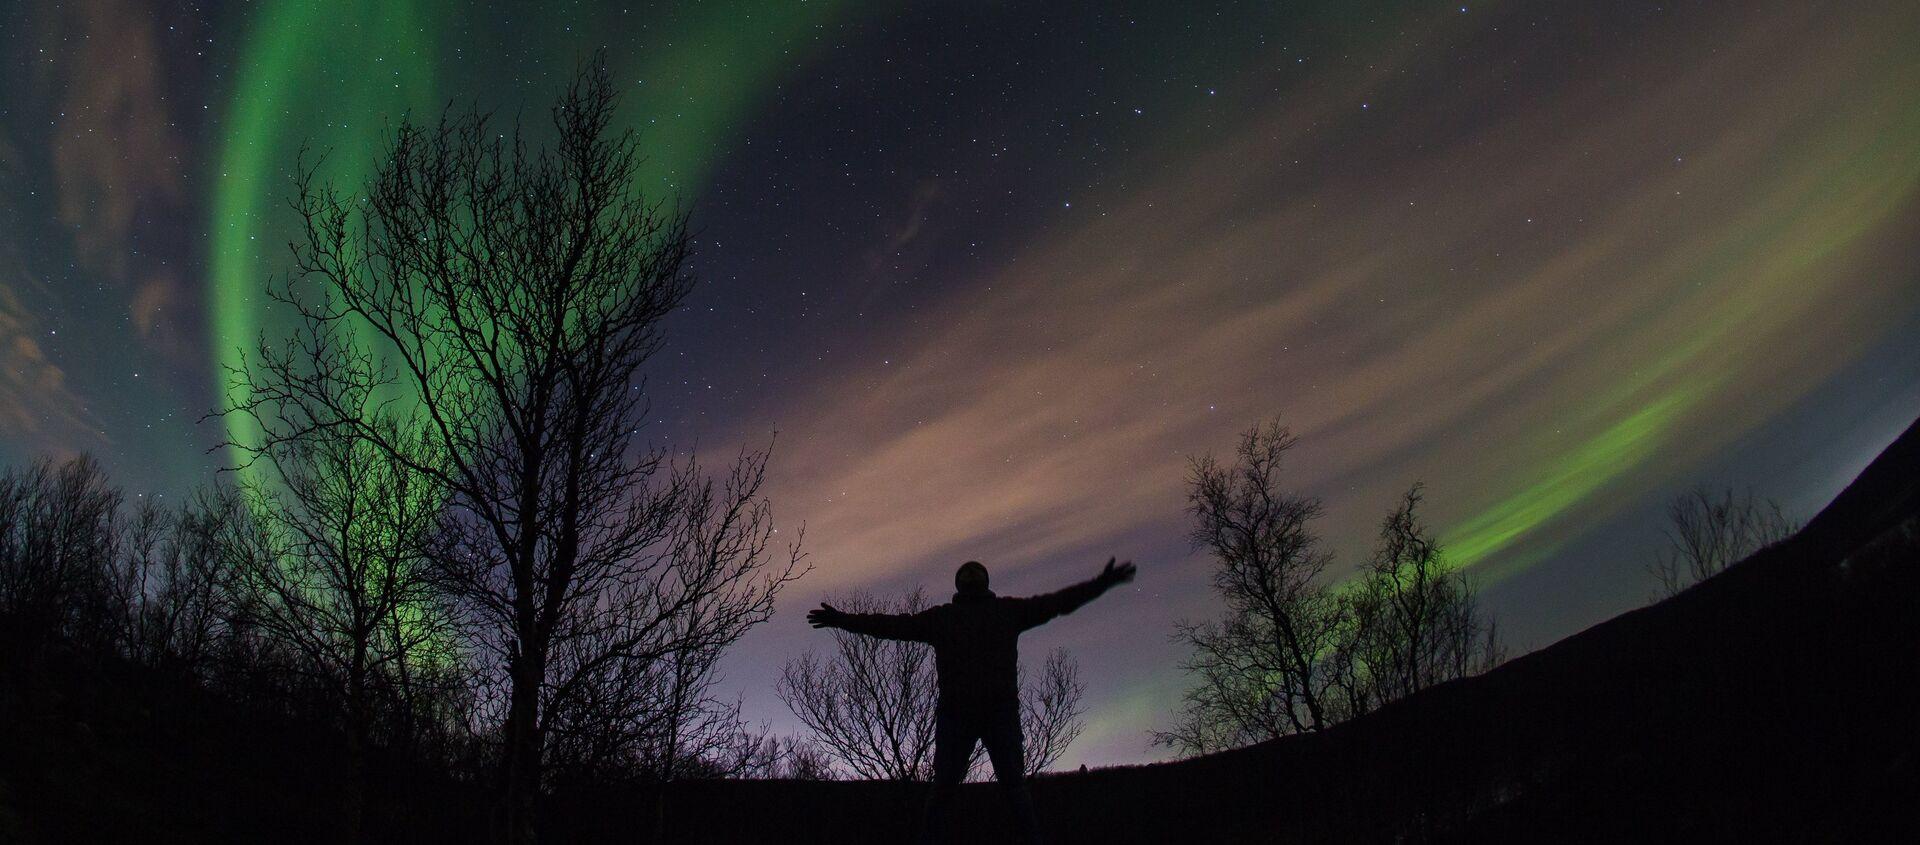 Aurora boreal en la región de Múrmansk - Sputnik Mundo, 1920, 12.12.2020